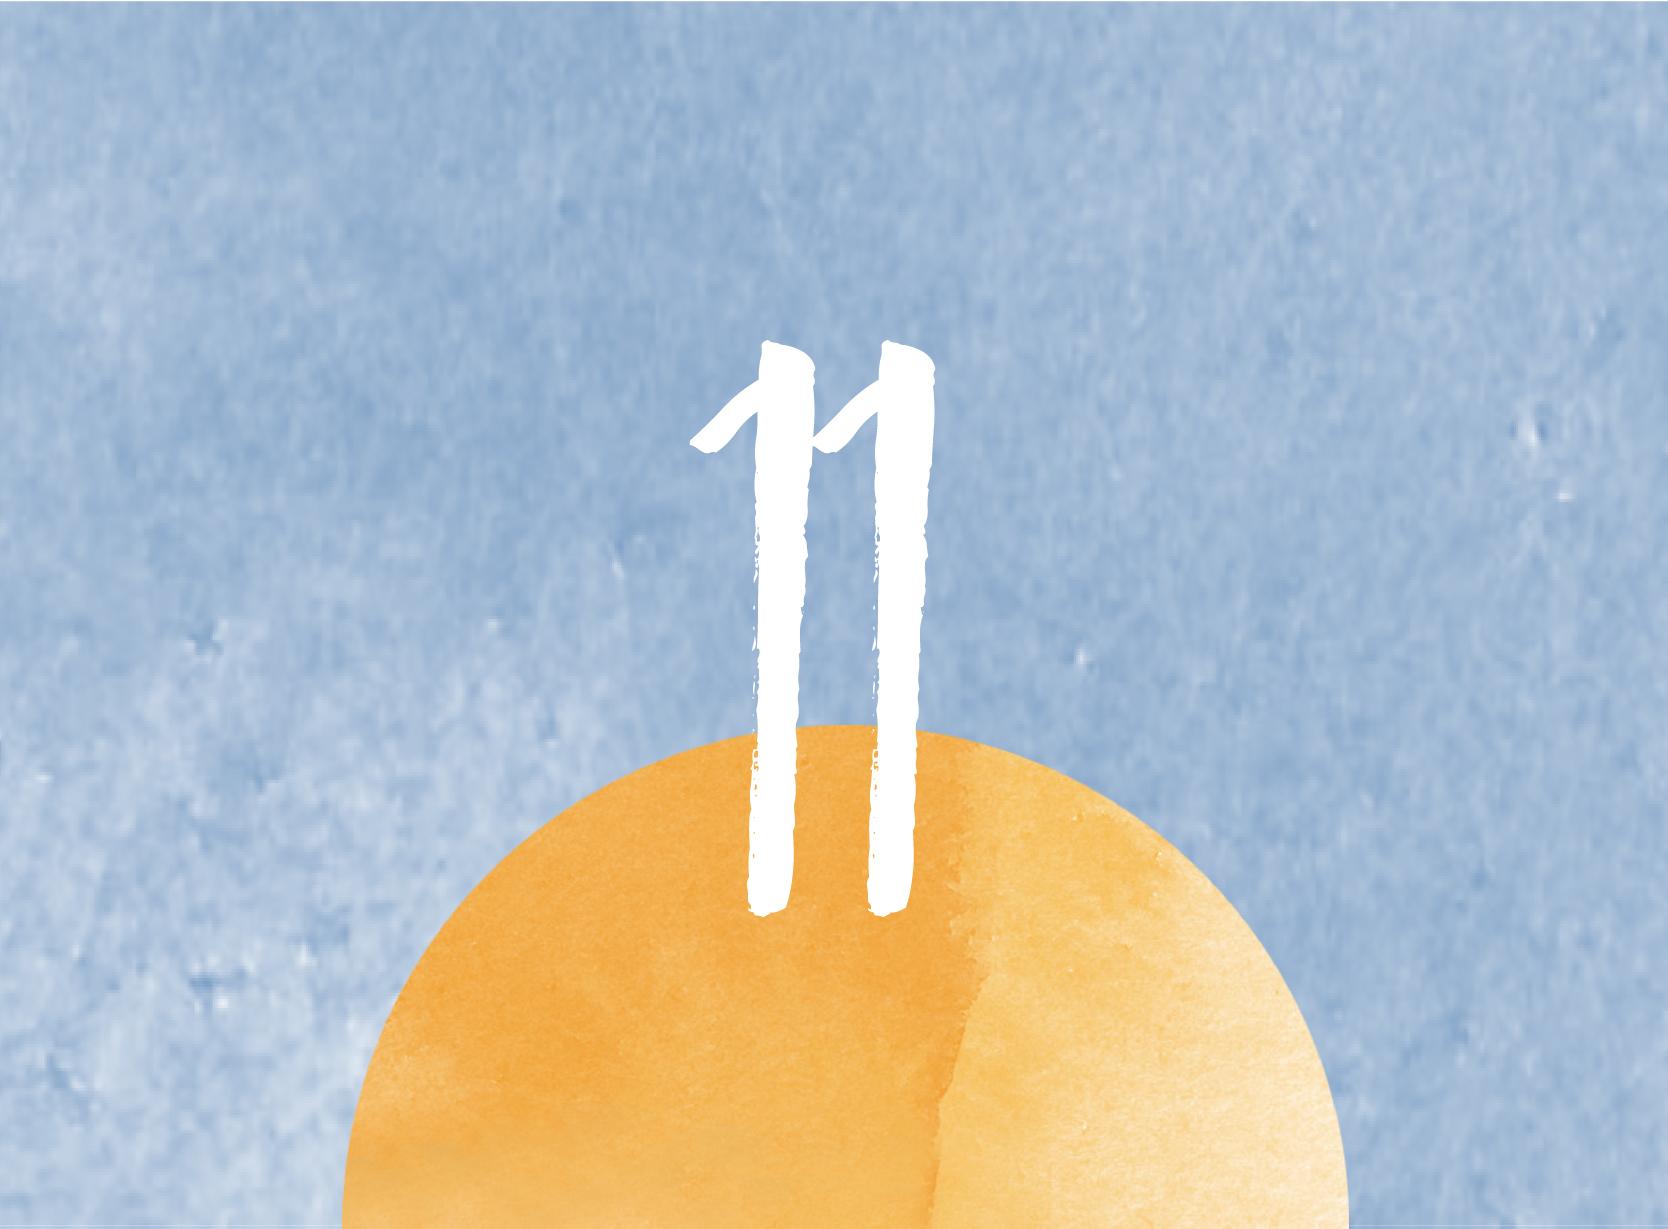 Calendrier de l'avent - 11